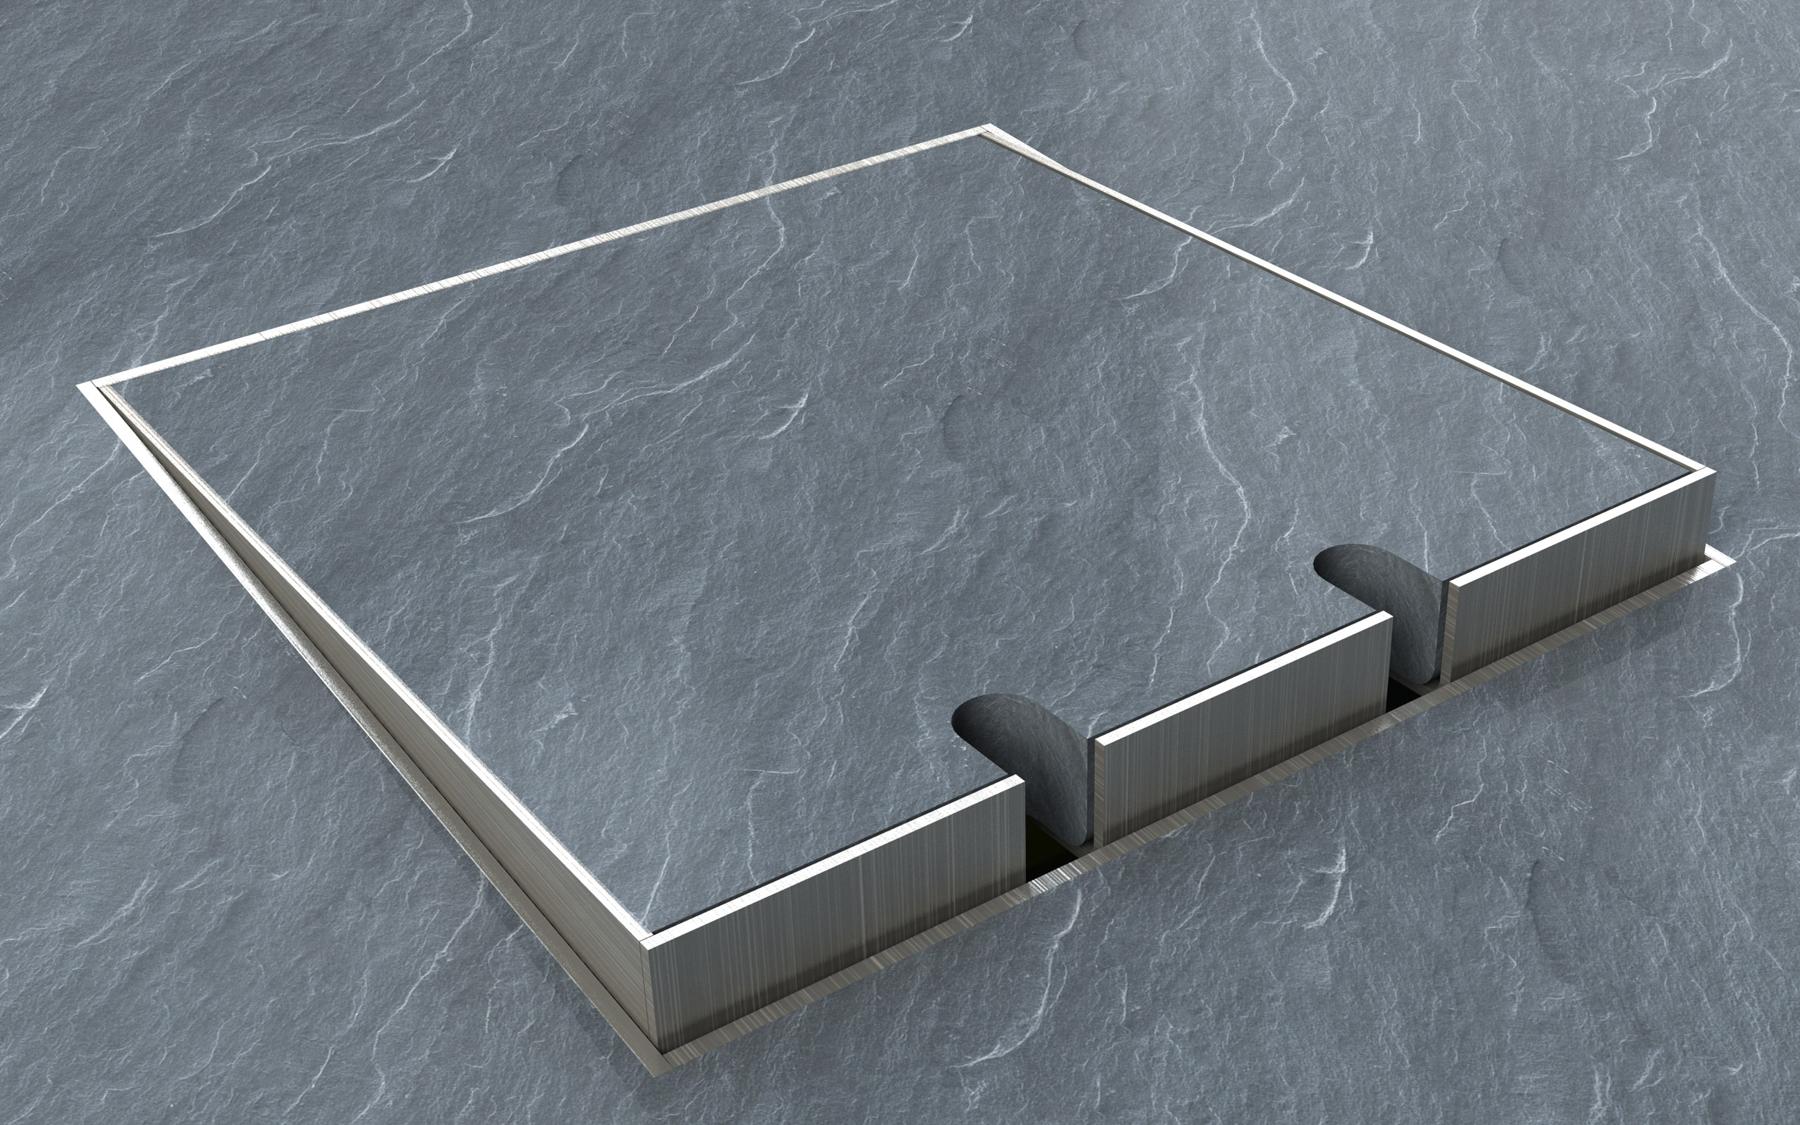 podlahova zasuvka interier STAKOHOME 8901 E kamen